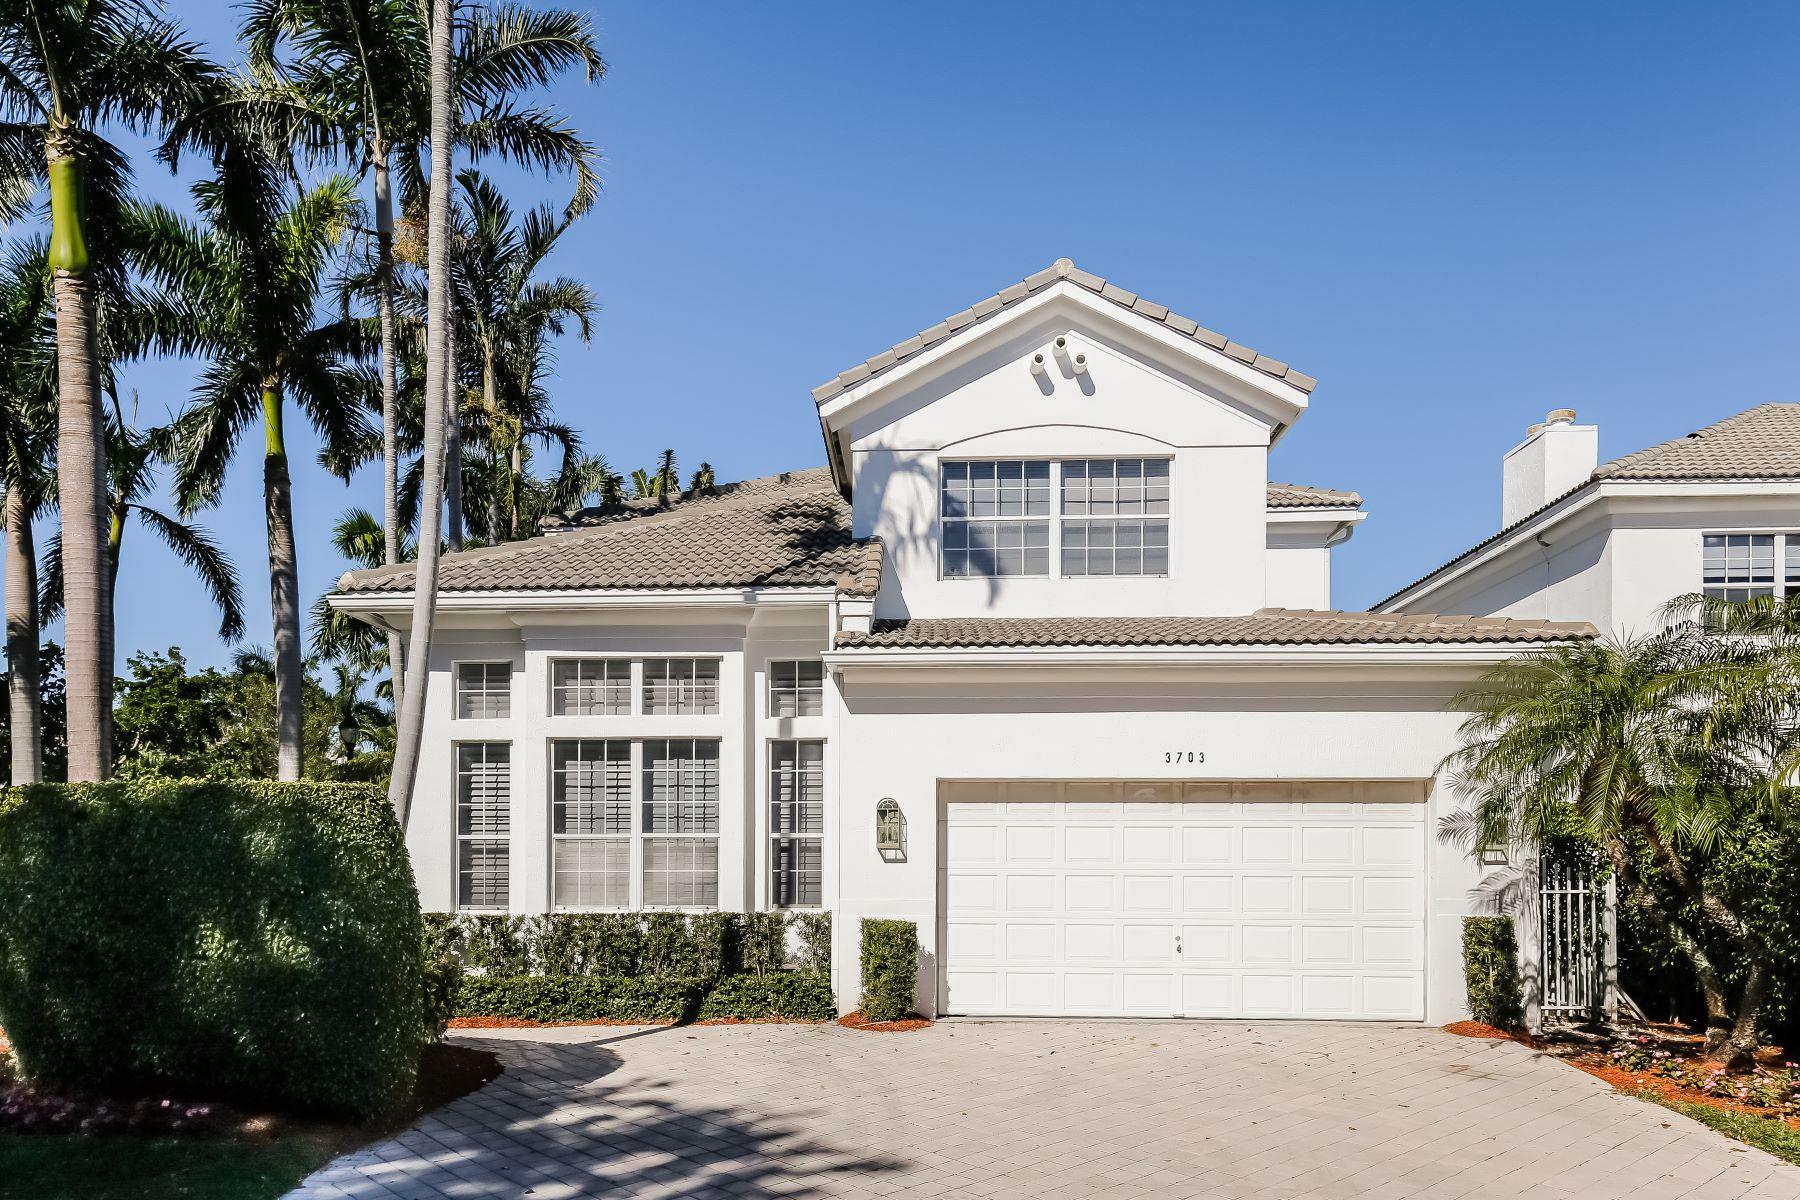 Частный односемейный дом для того Продажа на 3703 Ne 199th St Aventura, Флорида, 33180 Соединенные Штаты